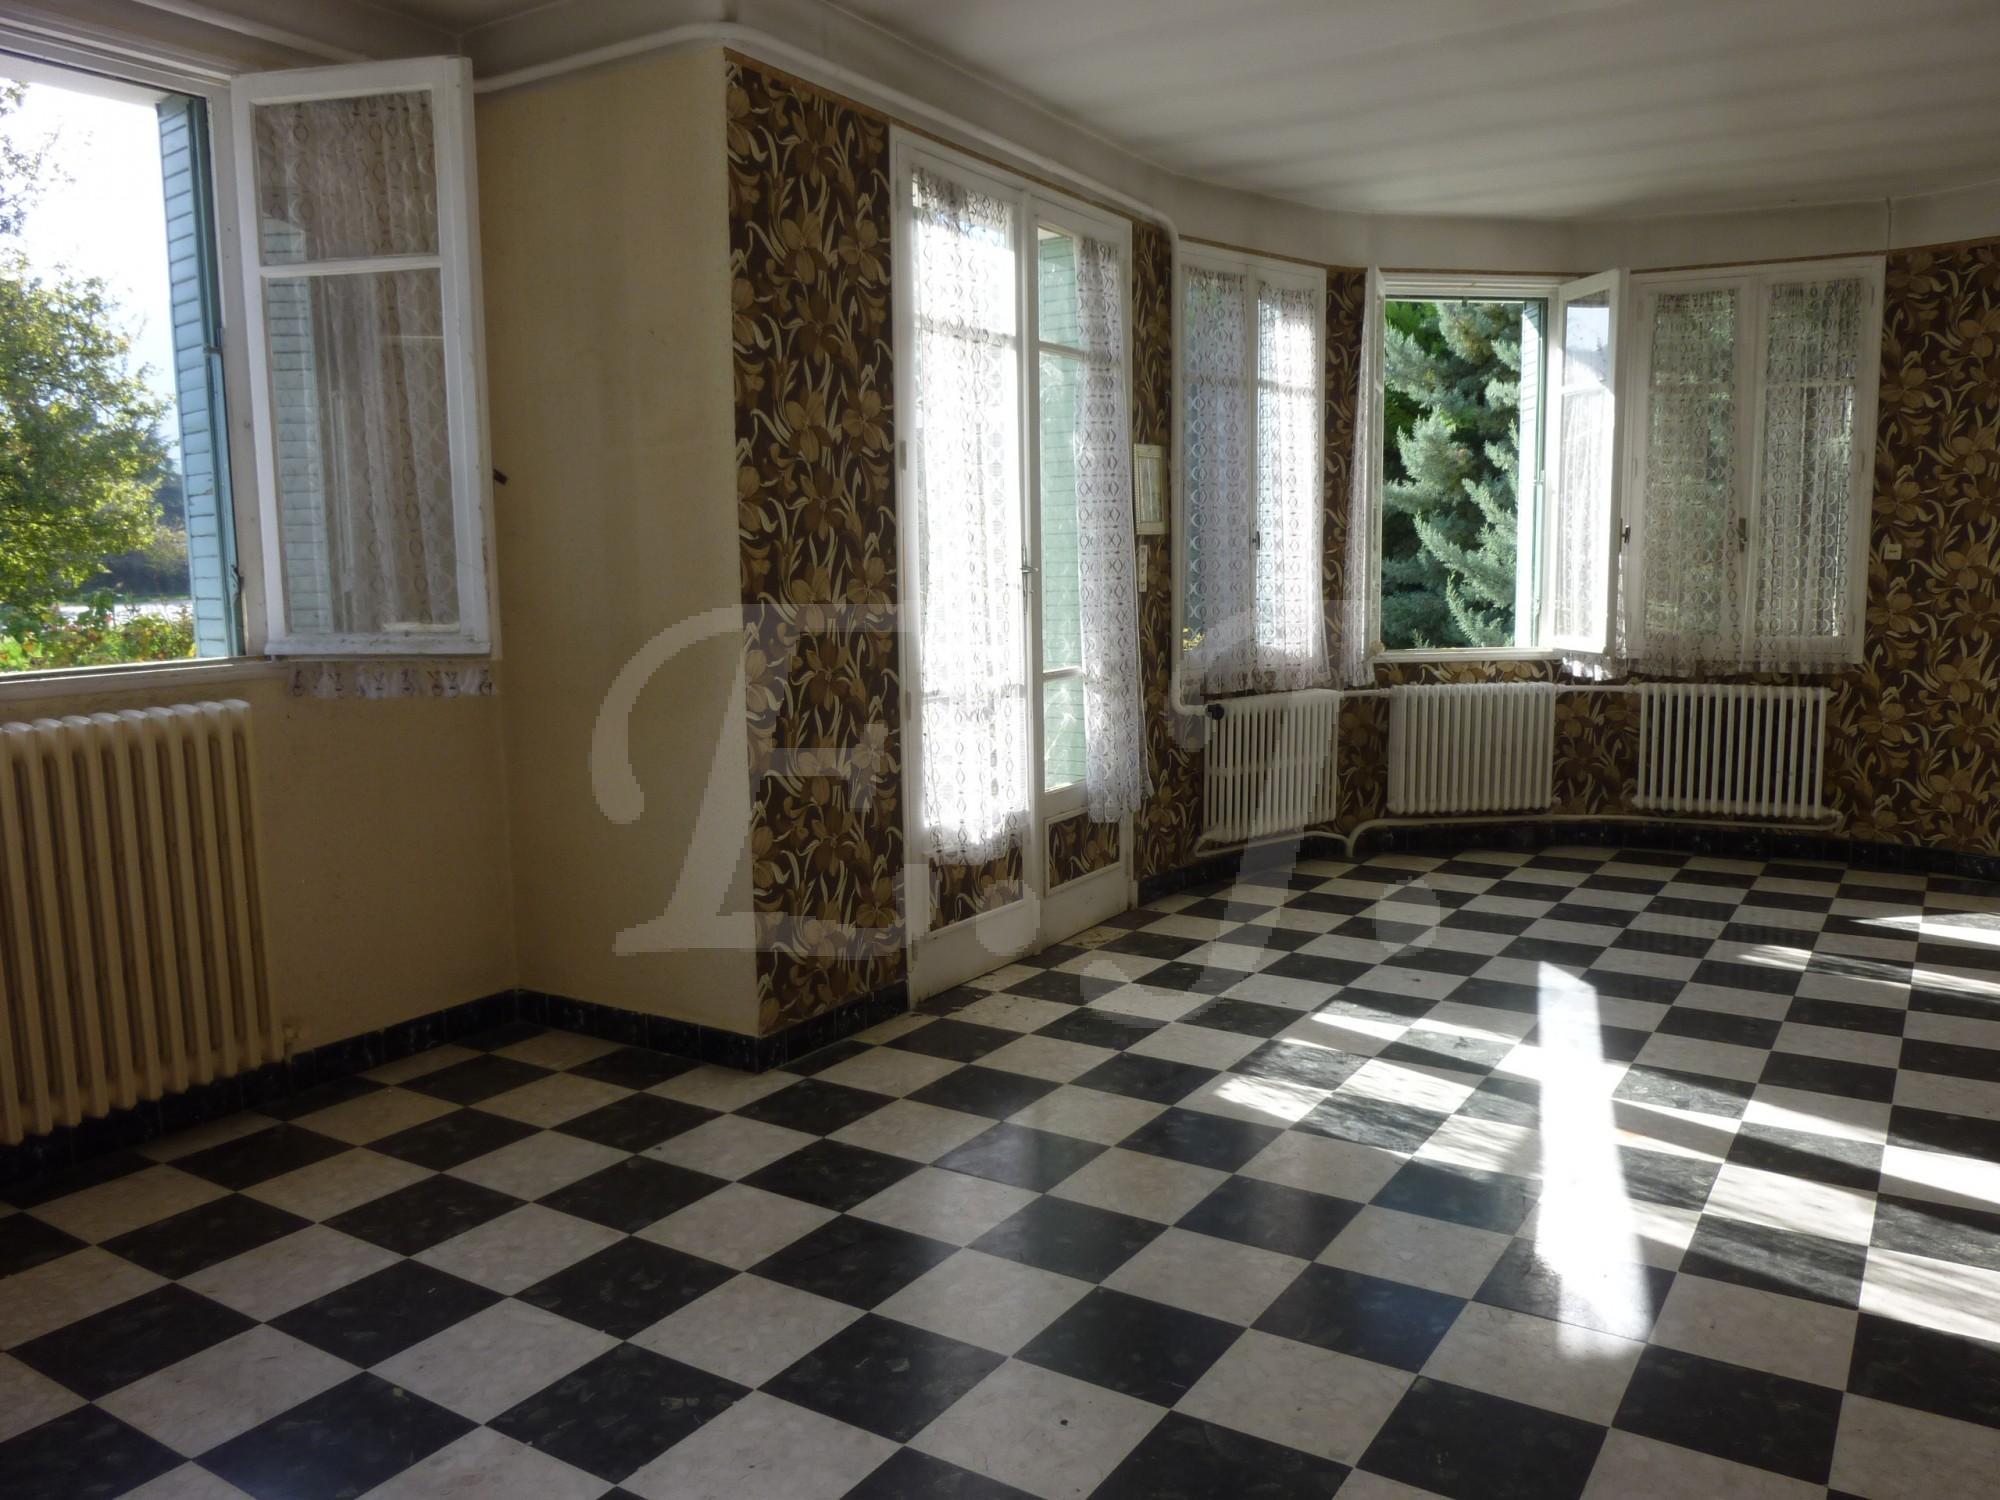 Maison a vendre 84660